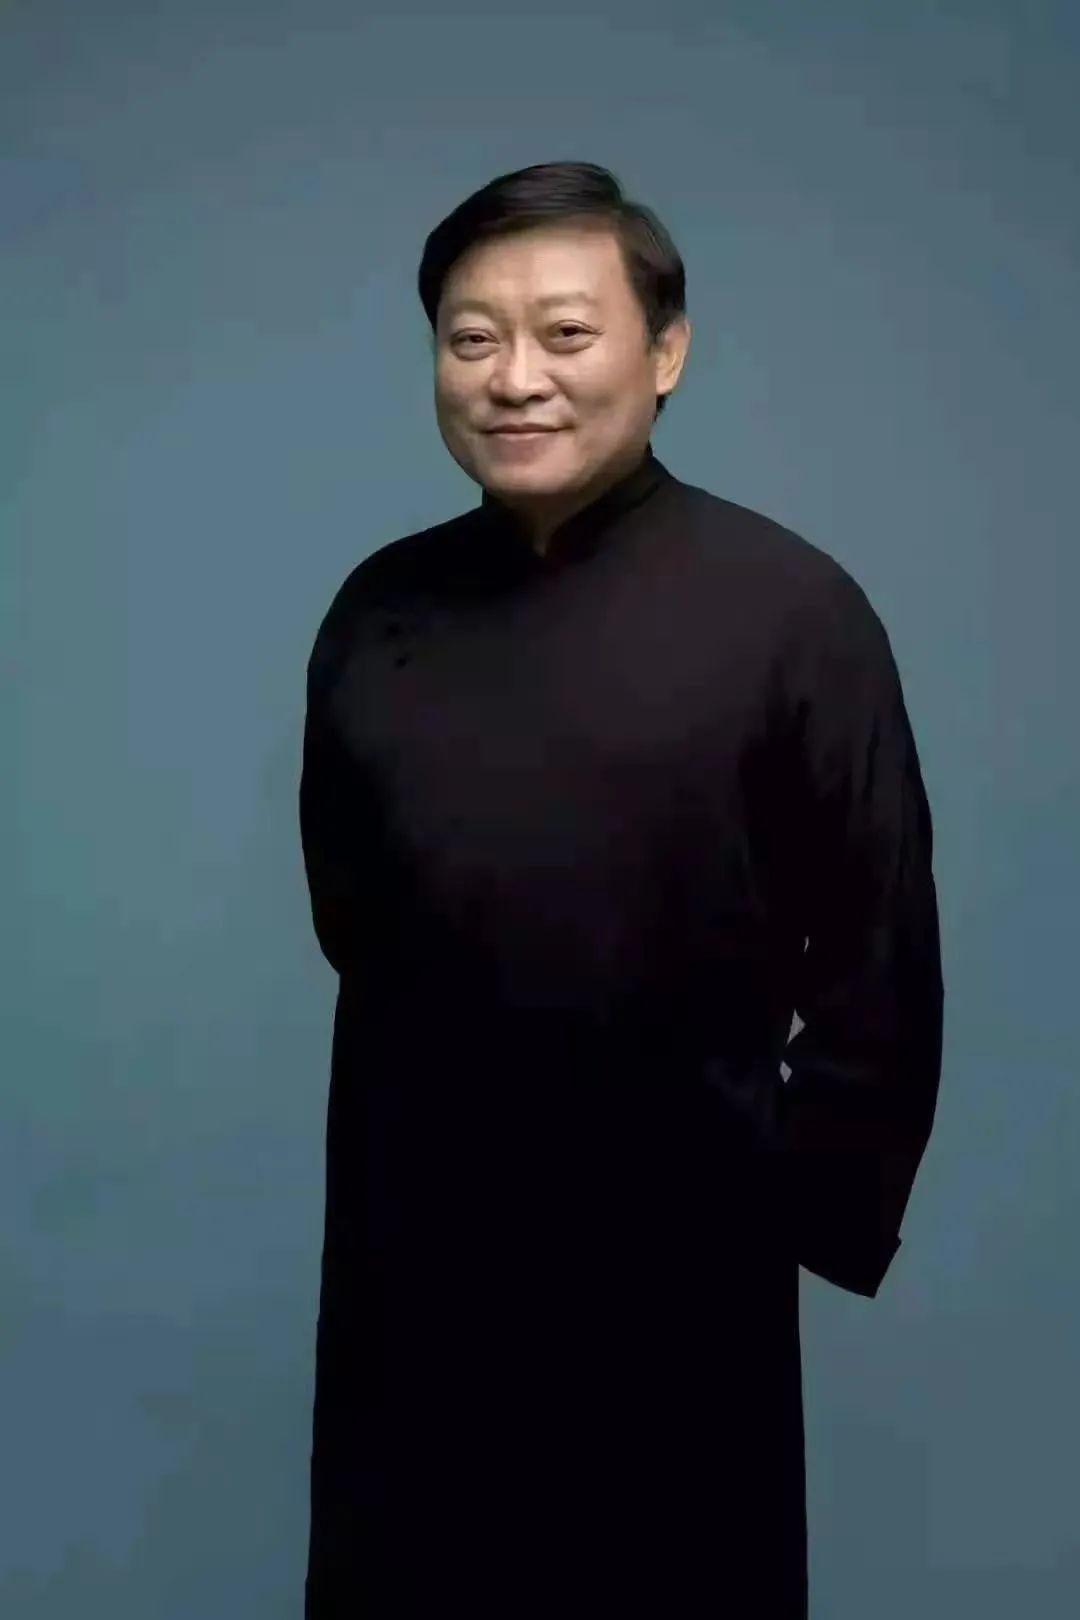 黄维樑读龚鹏程《文心雕龙讲记》:仿佛上了一堂小型中国文史哲通识课